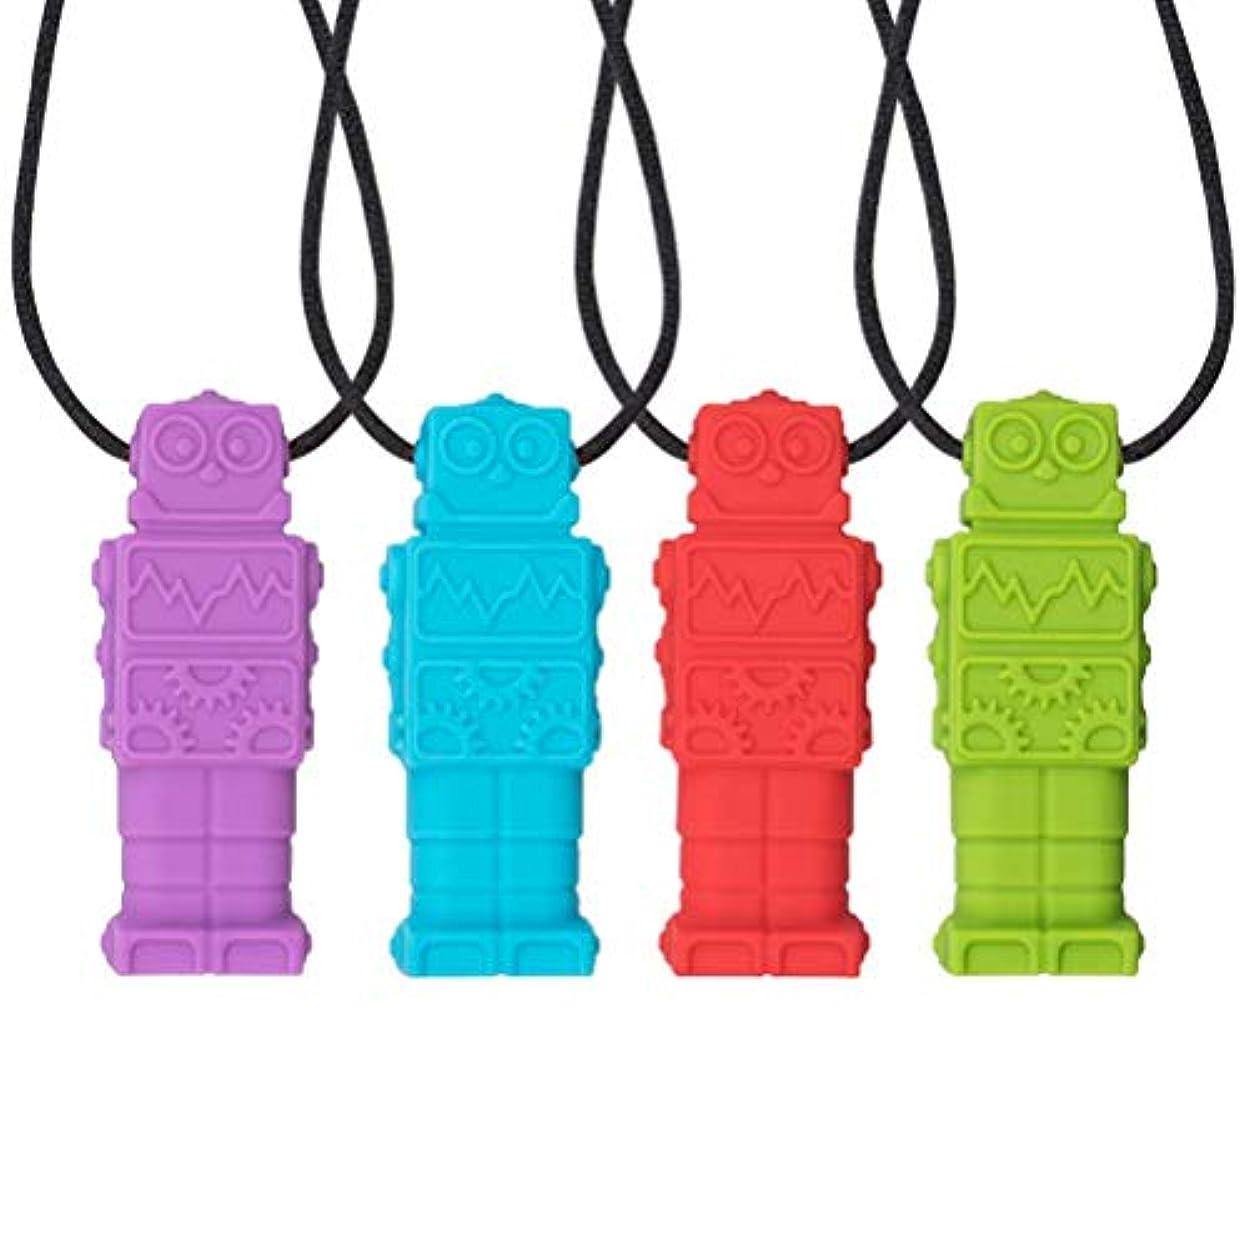 地下鉄パスタ気候の山Konrev 噛むネックレス 歯の玩具 ロボット玩具 シリコン チューペンダント 自閉症 ADHD 感覚玩具 お手入れが簡単 携帯に便利 カラフル シリコン 子供 男の子 女の子 4個セット